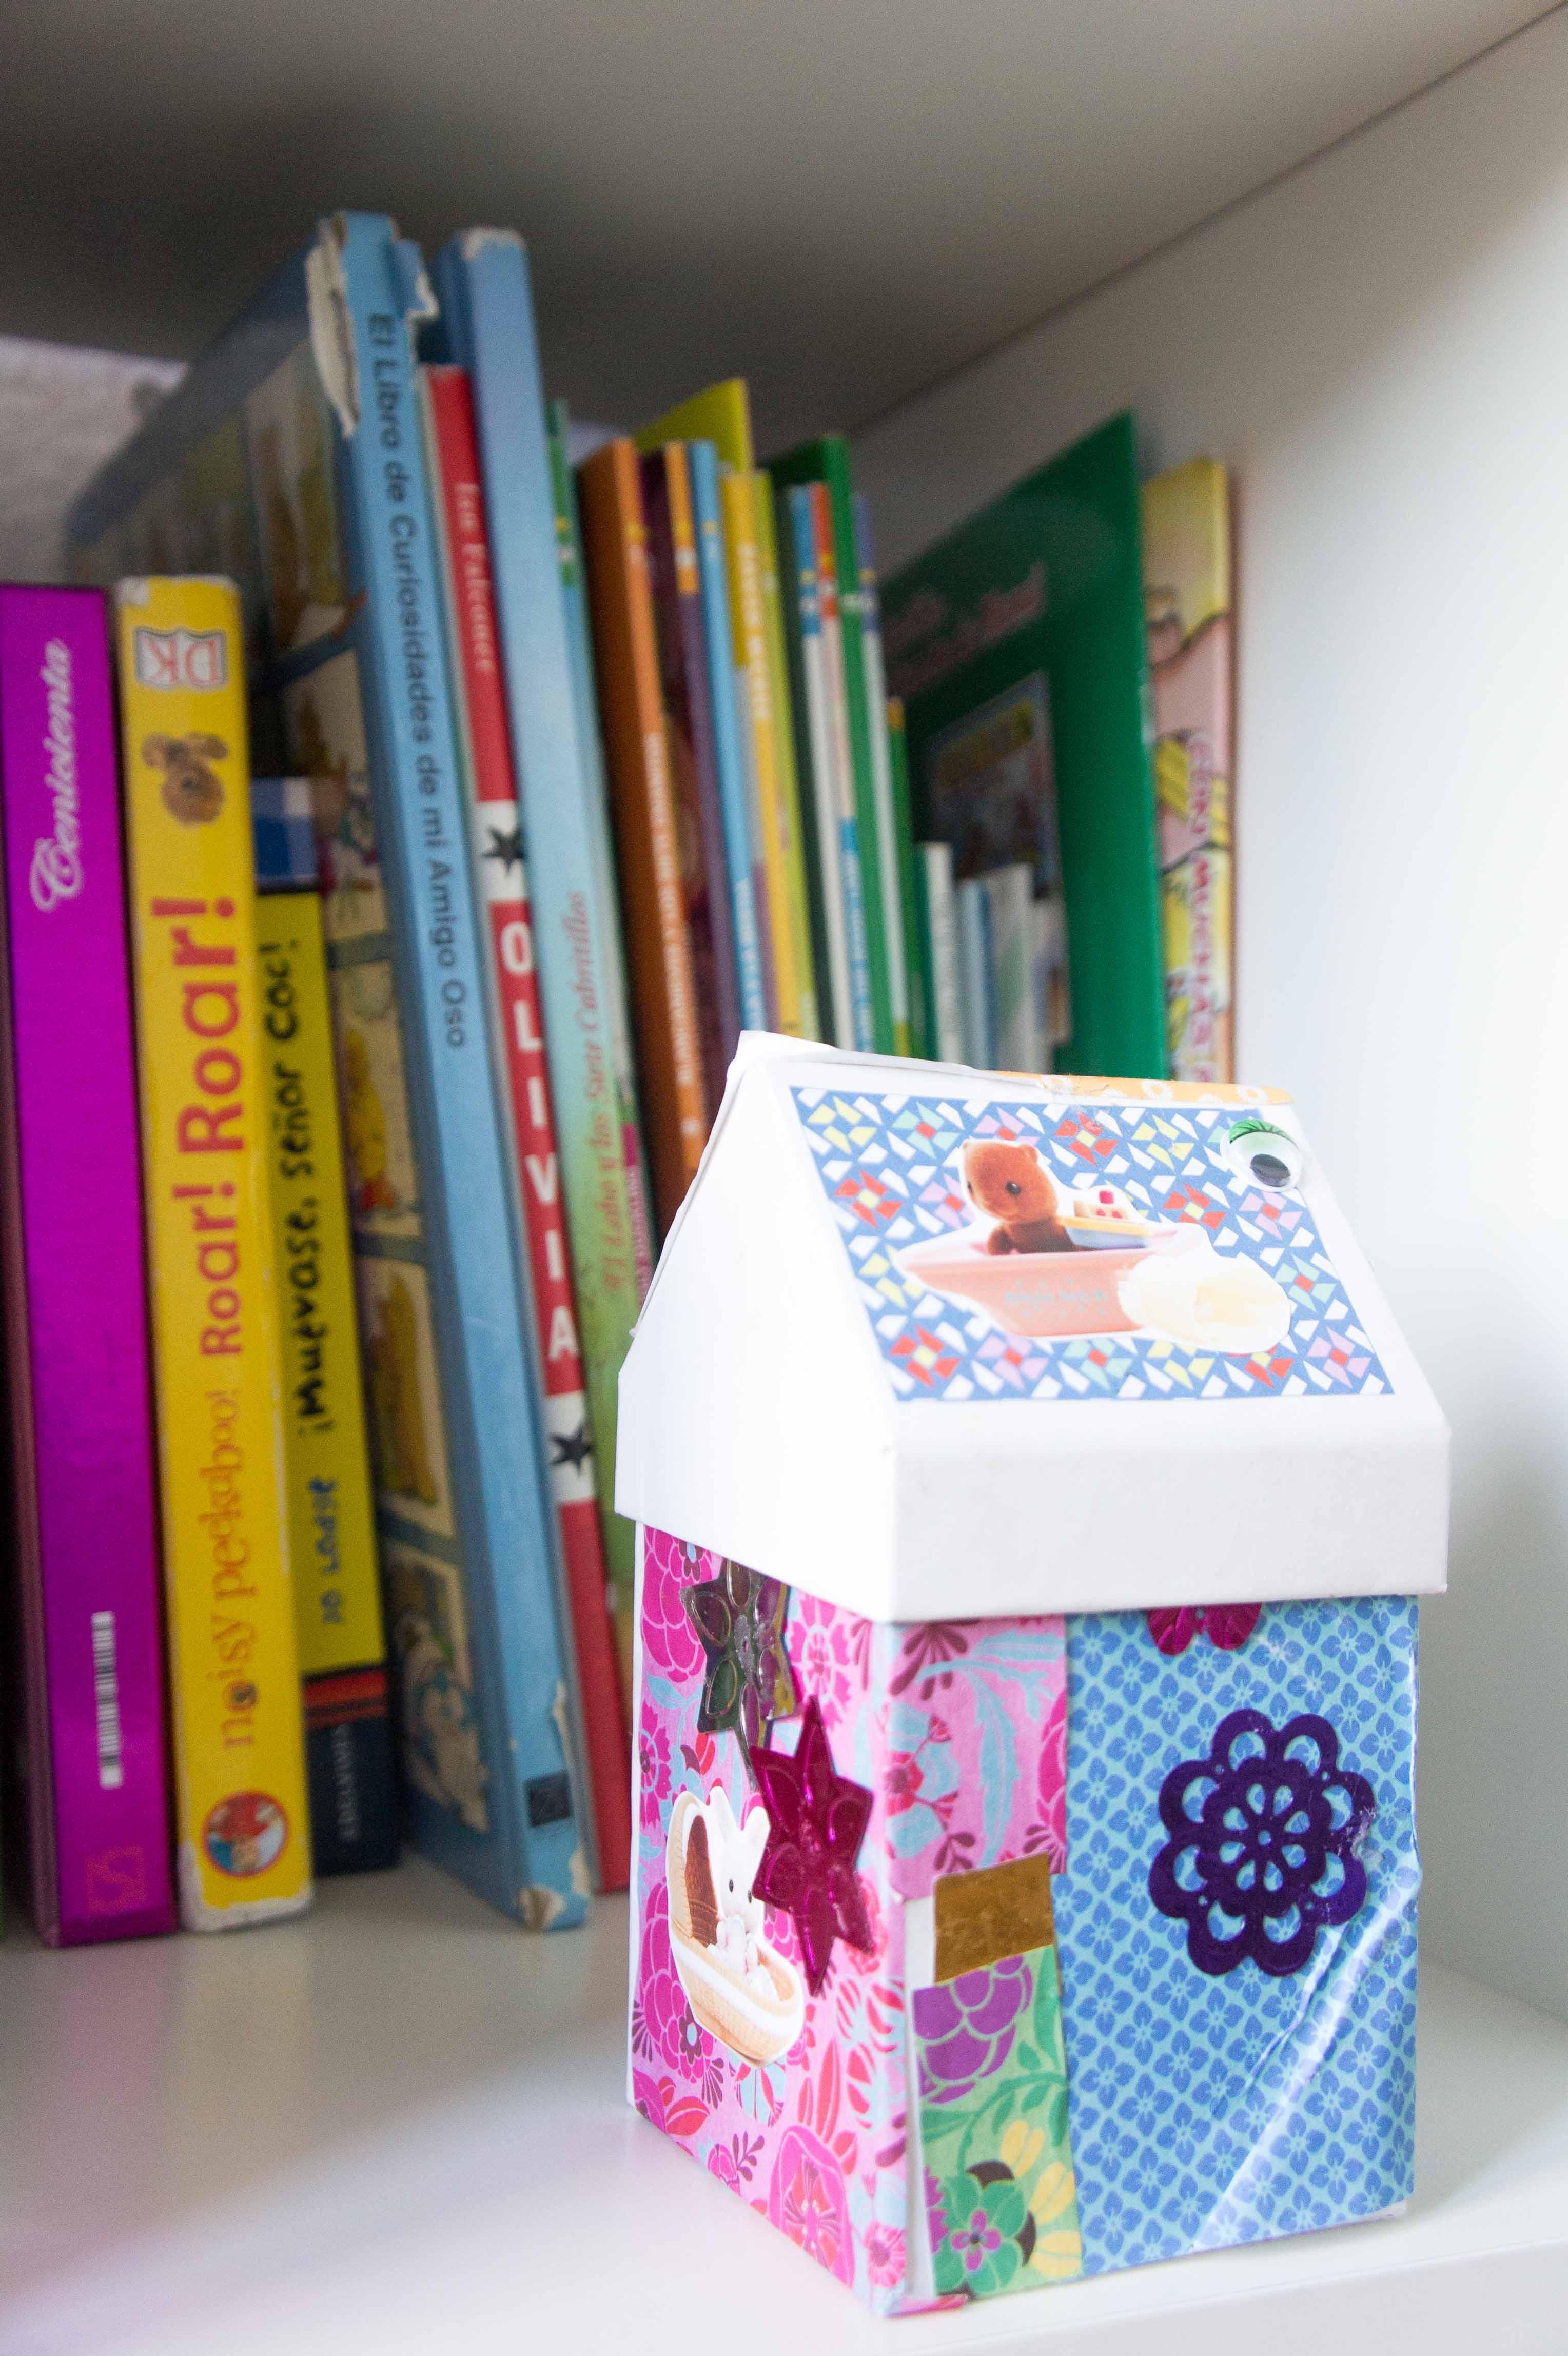 Diy cajas de cart n decoradas sonambulistas - Cajas de carton decoradas baratas ...